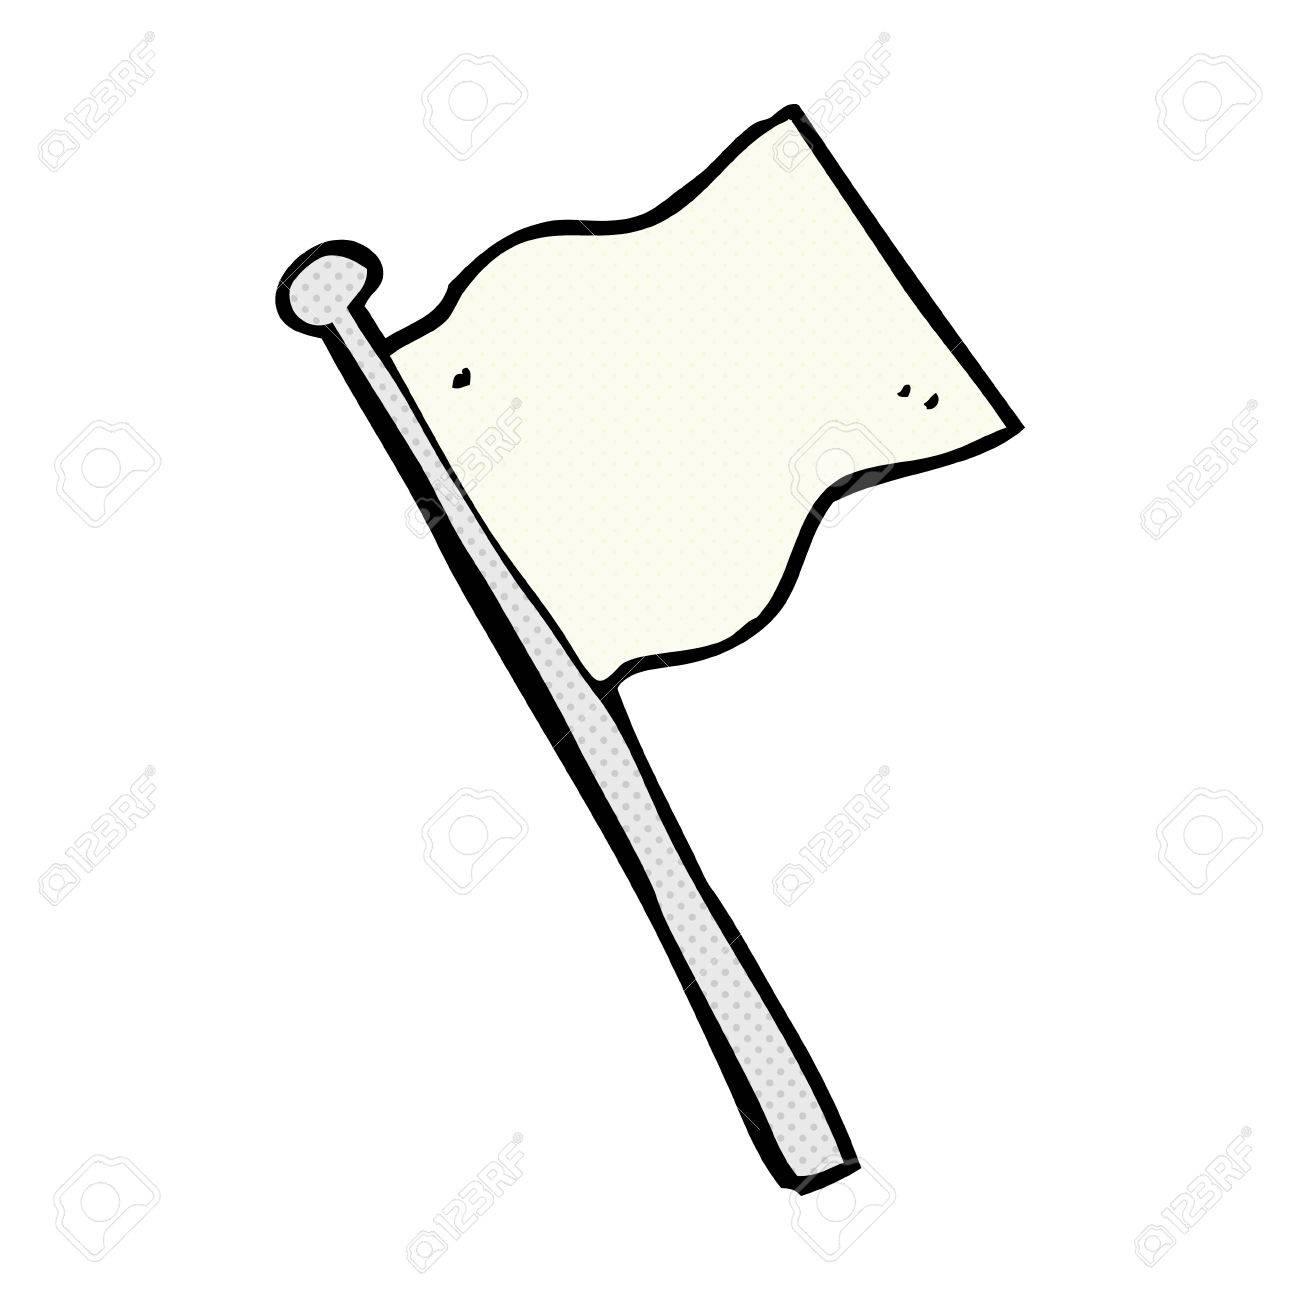 banque dimages rtro bande dessine de style de bande dessine drapeau blanc